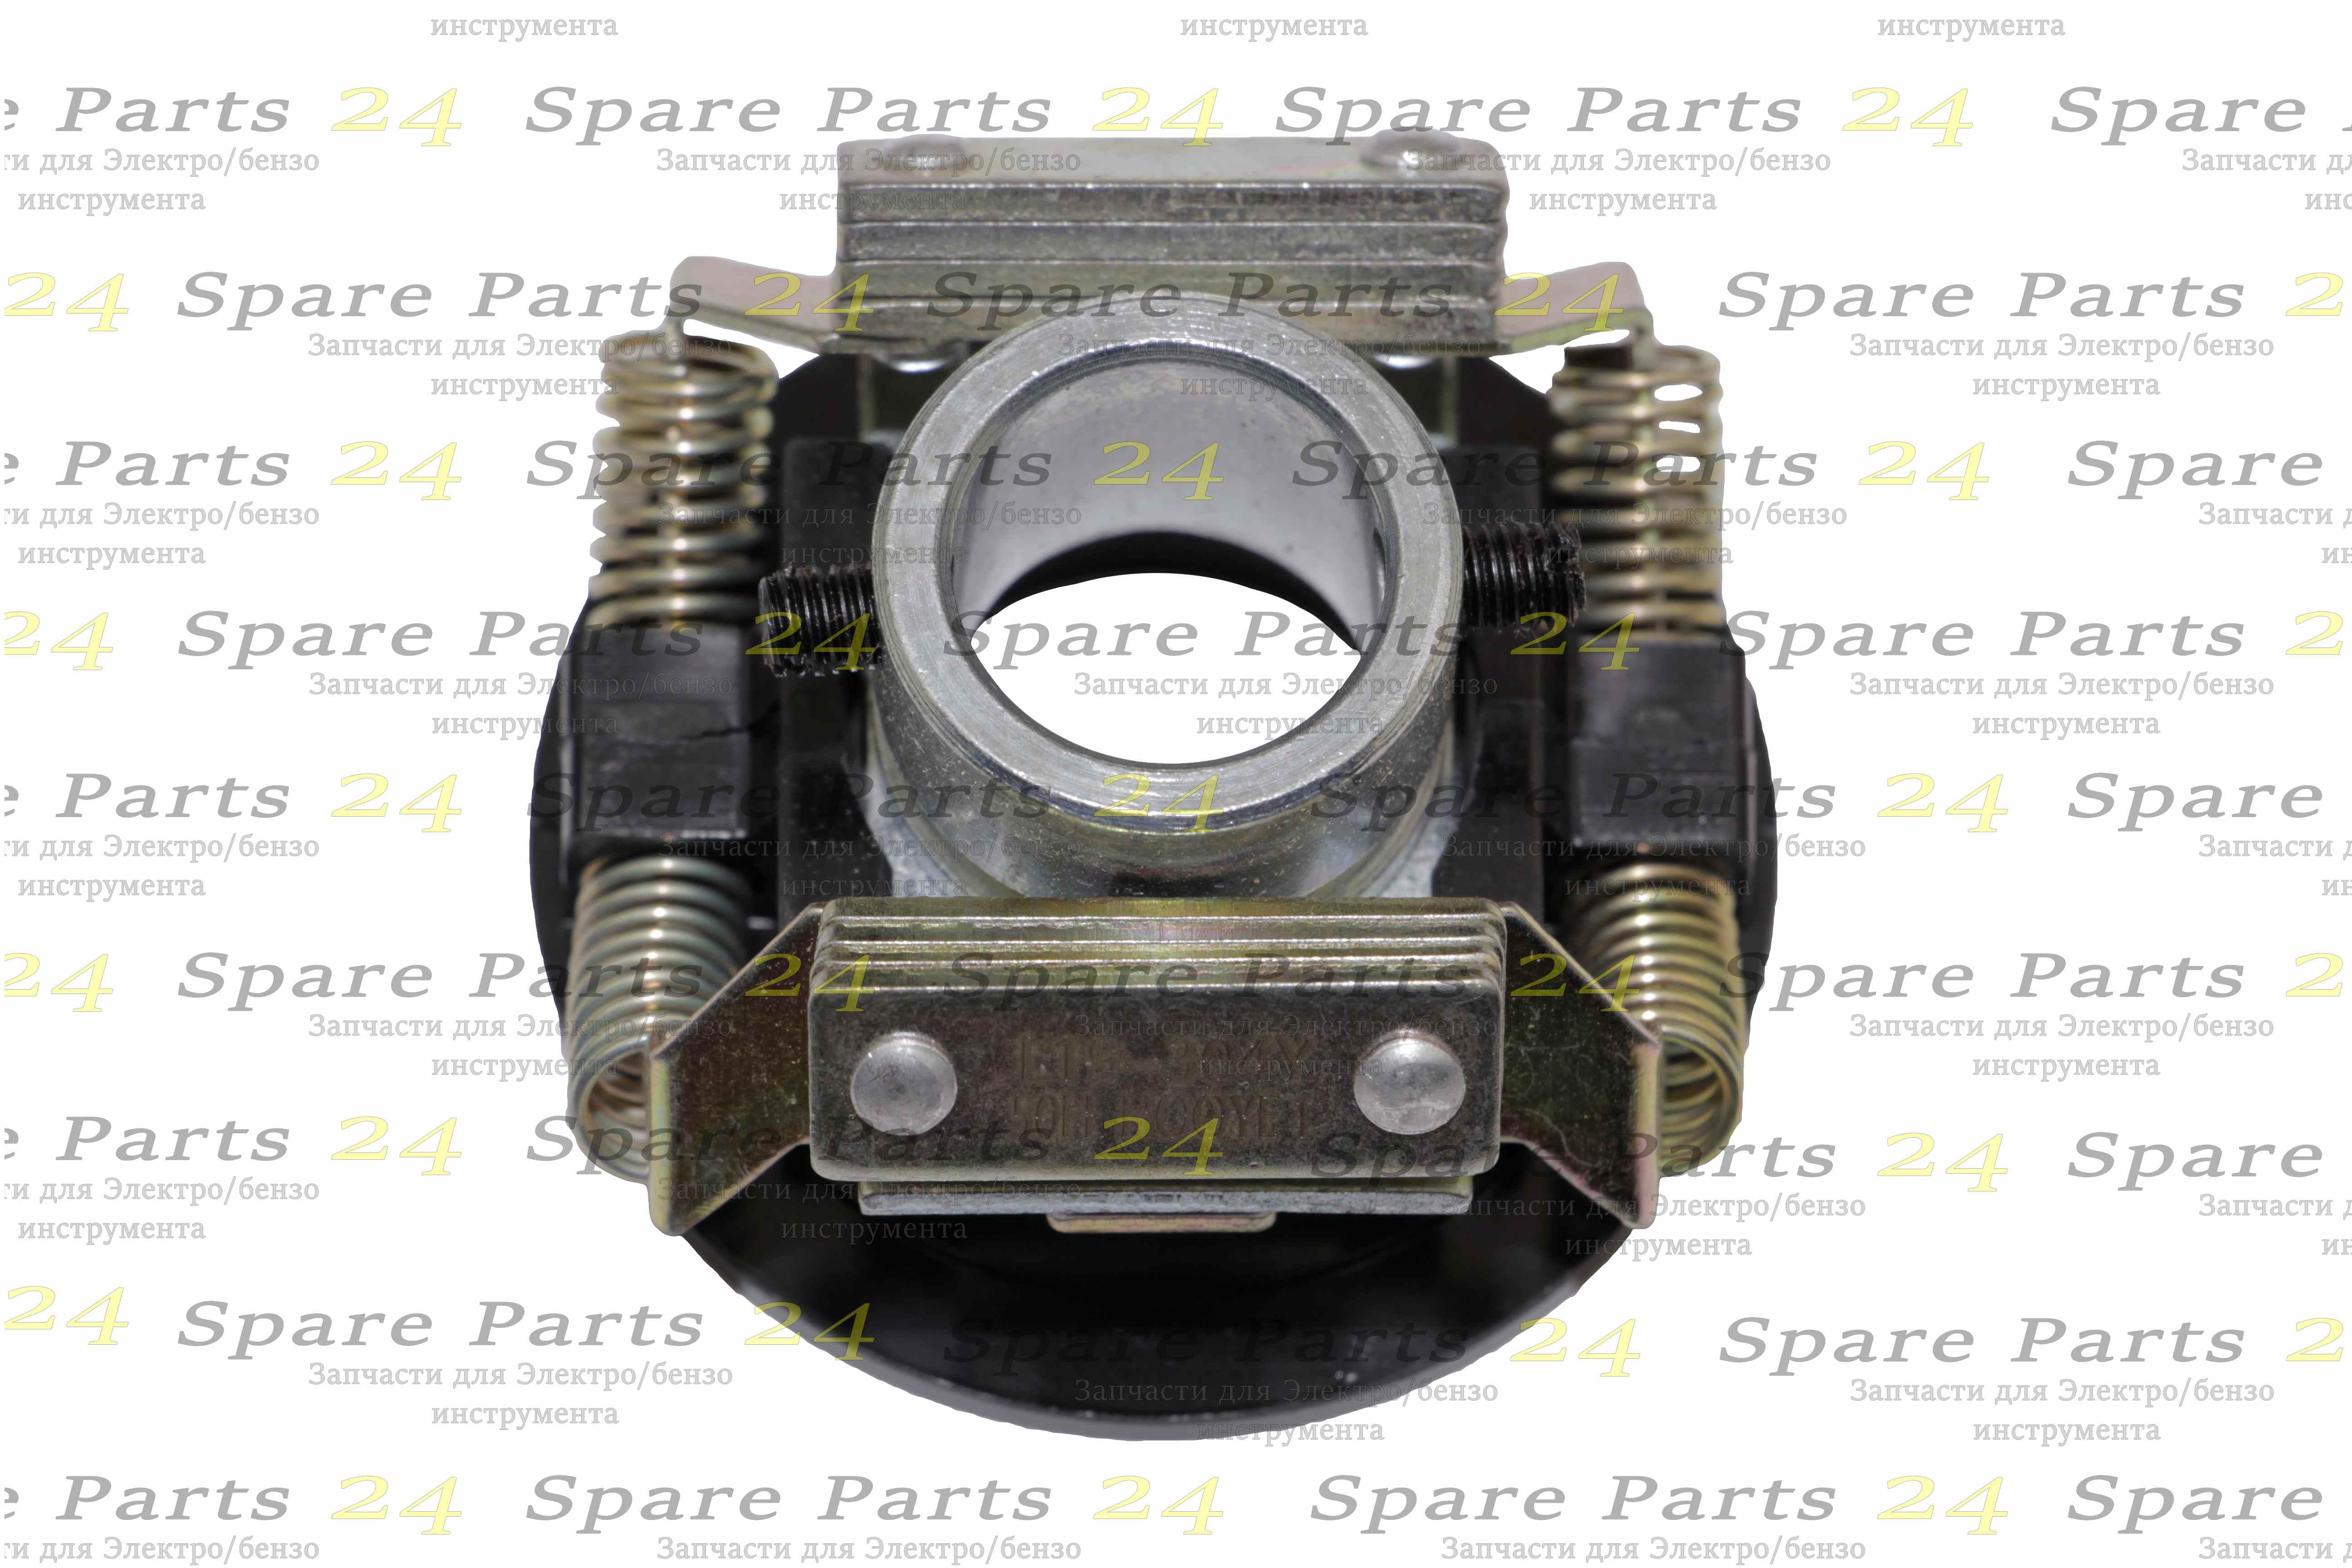 Выключатели / Выключатель центробежный первичной обмотки двигателя компрессора тип ИНТЕРСКОЛ,Китай 2,0-3,0 кВт